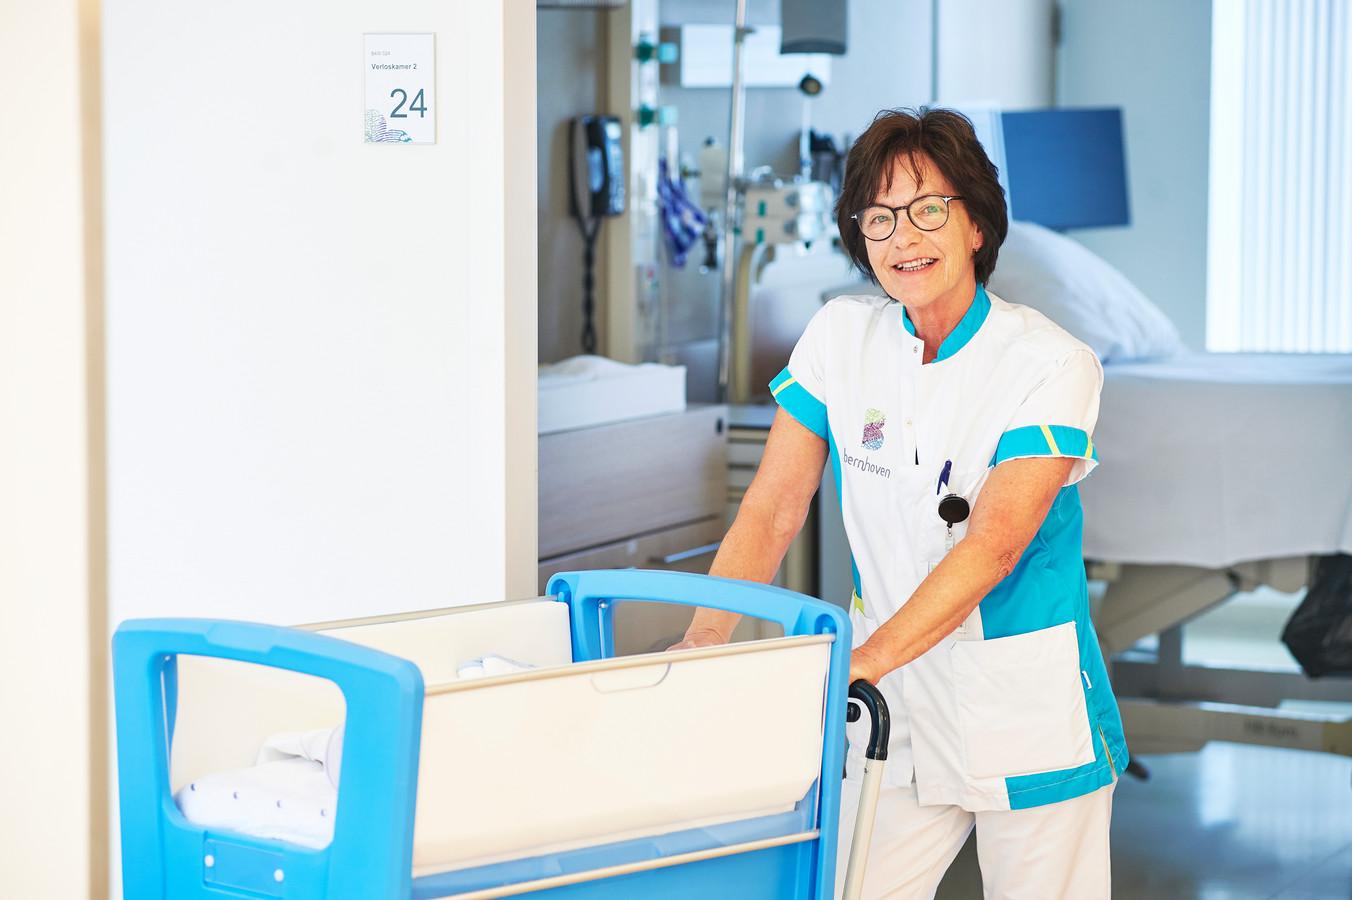 Verloskundige Marleen Korsten-Braak heeft op 24 juli haar laatste werkdag in ziekenhuis Bernhoven.